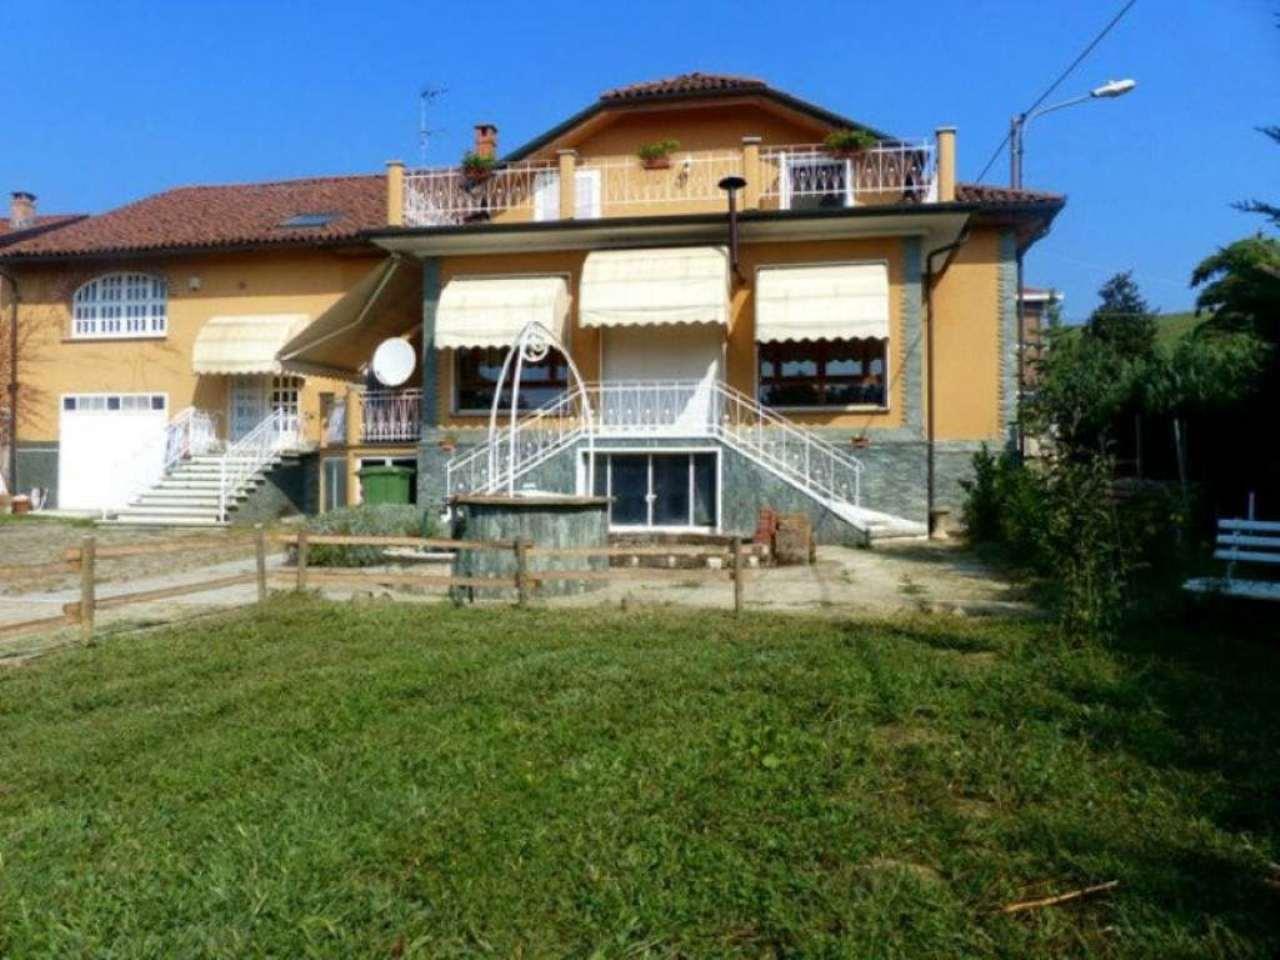 Soluzione Indipendente in vendita a Baldichieri d'Asti, 8 locali, prezzo € 225.000 | Cambio Casa.it